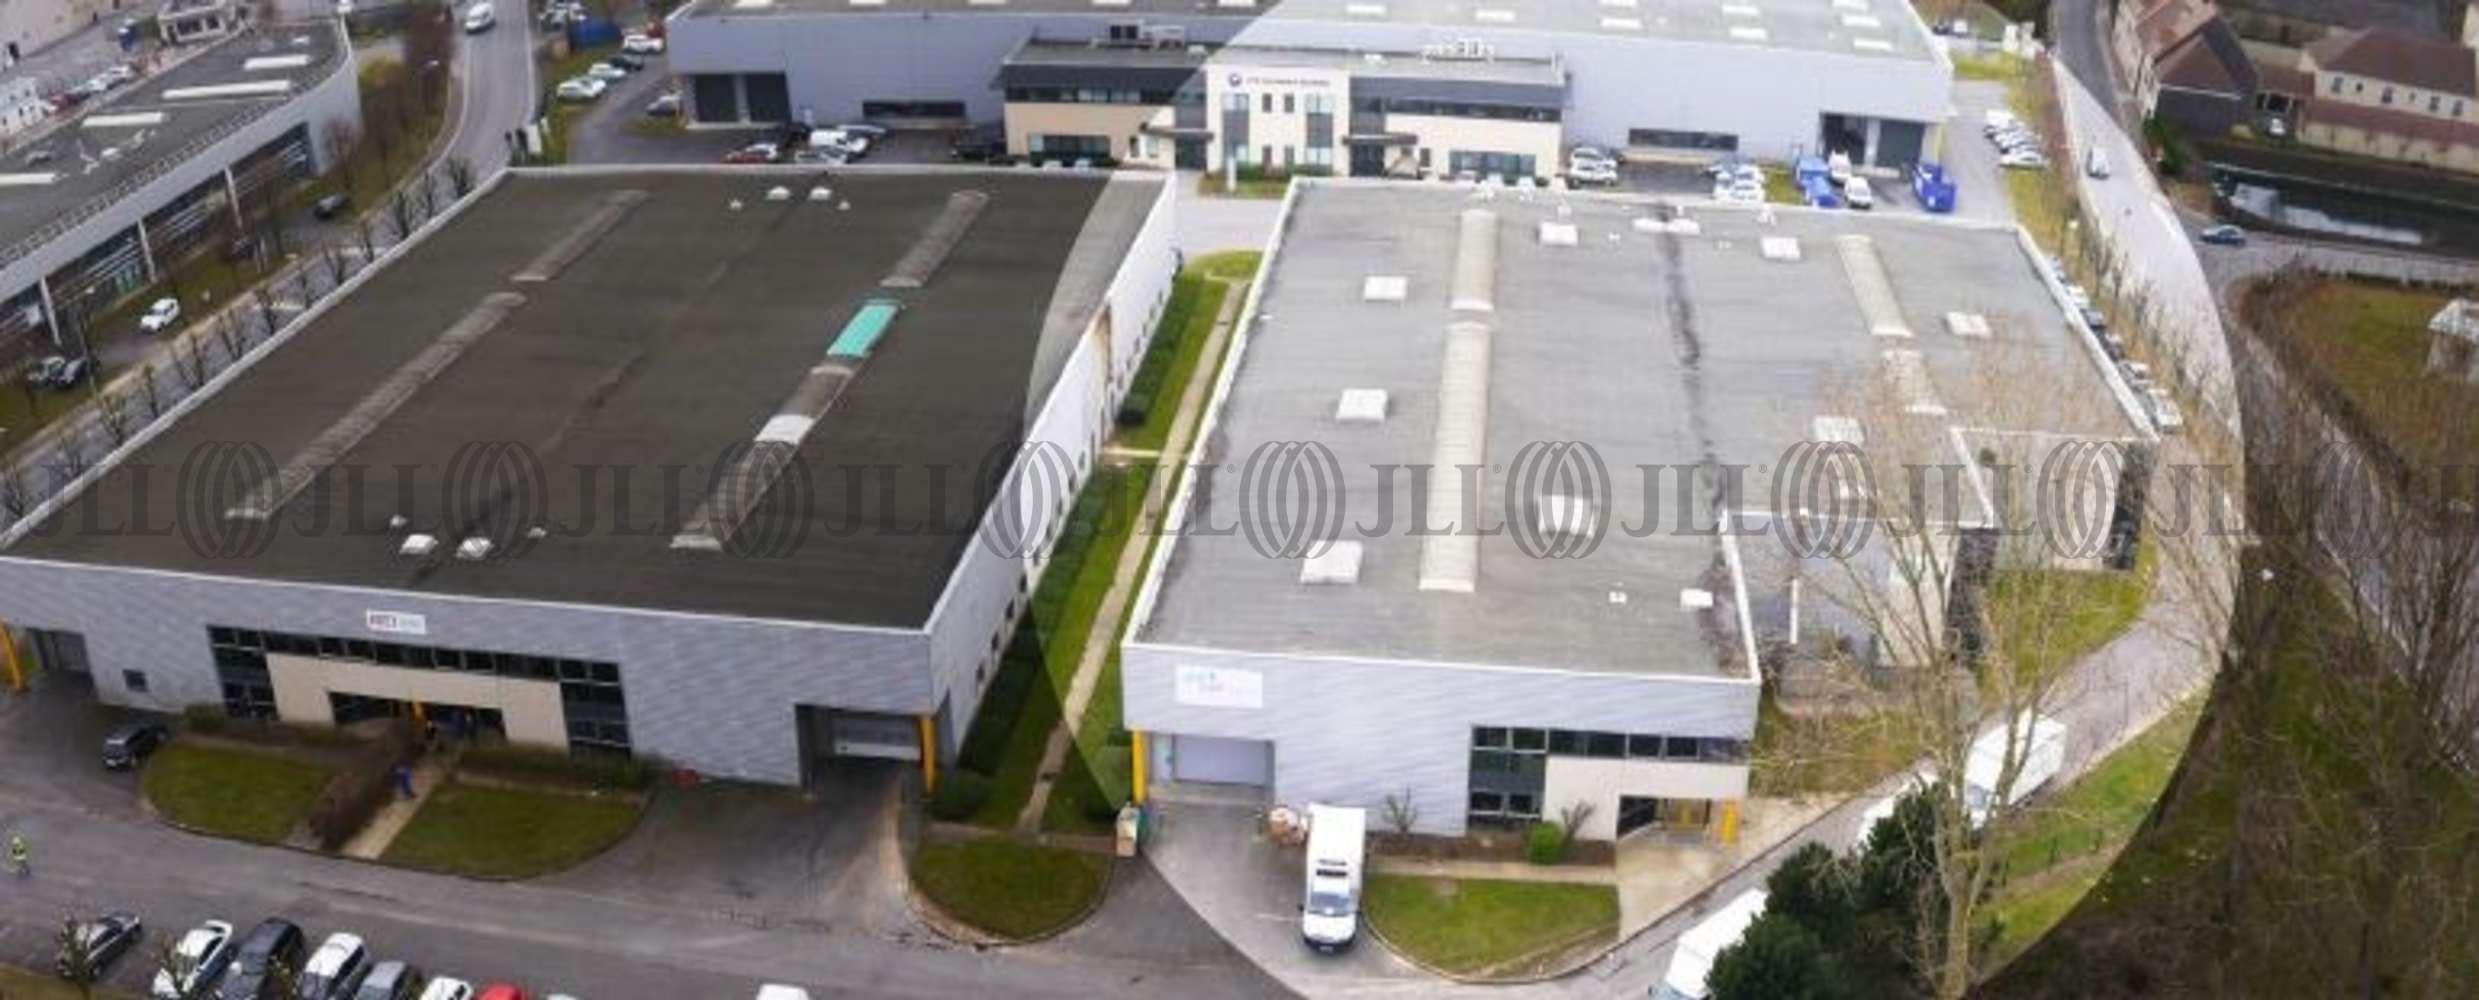 Activités/entrepôt Le mesnil amelot, 77990 - PARC DU SAGITTAIRE - 9648114